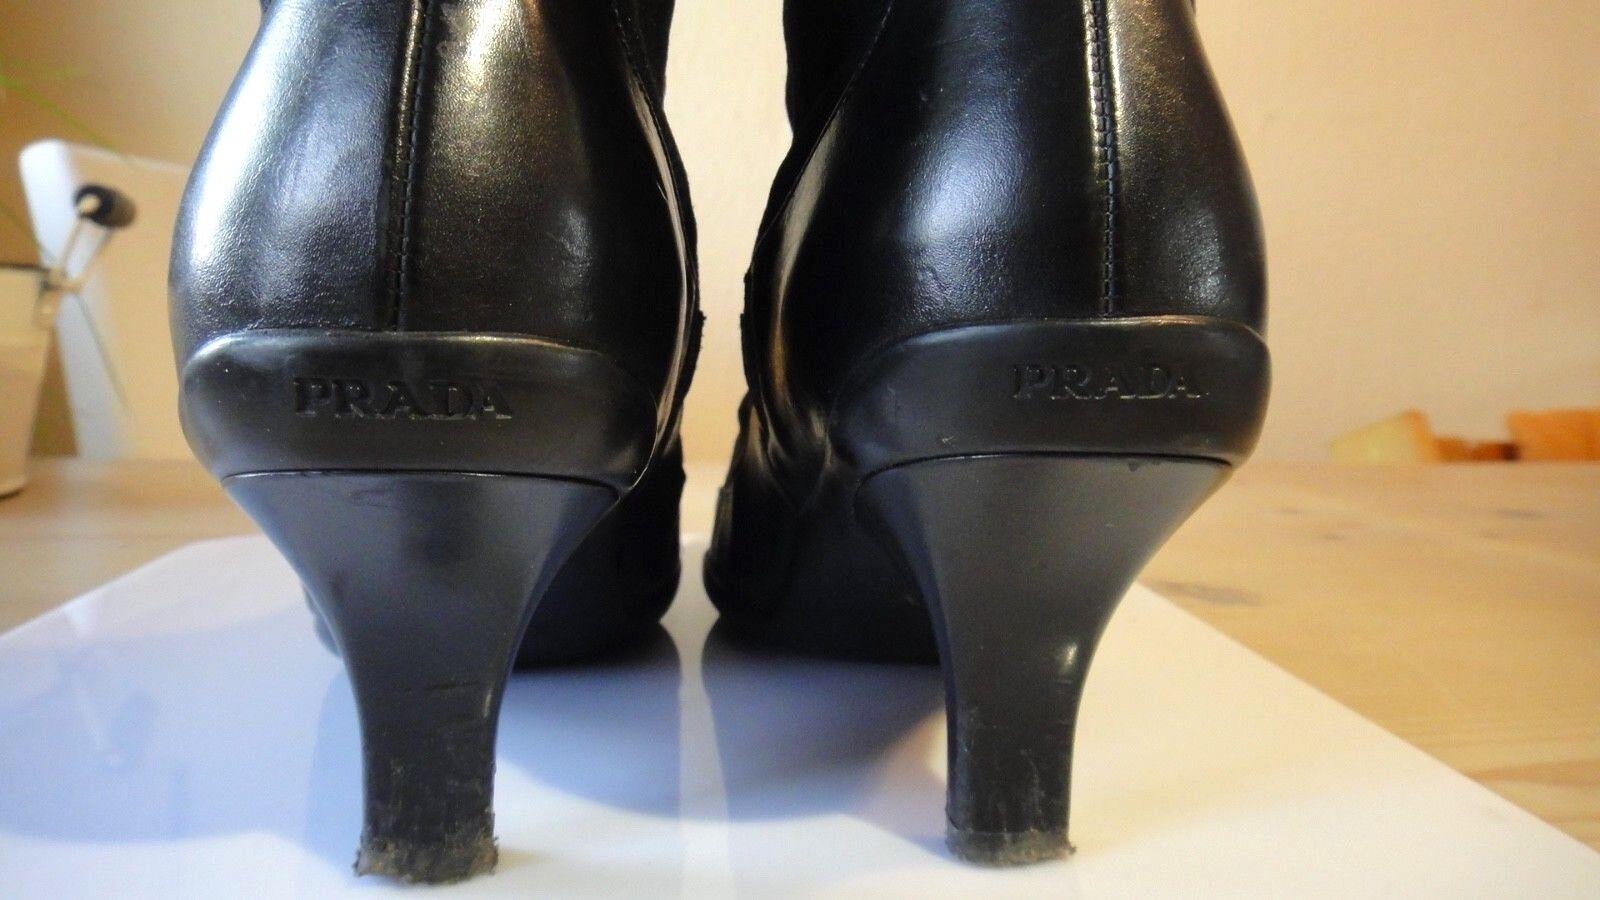 Original PRADA STIEFEL Stiefel 37,5 Schuhe schwarz schwarz Schuhes Gr. 37,5 Stiefel designer 5f63c6